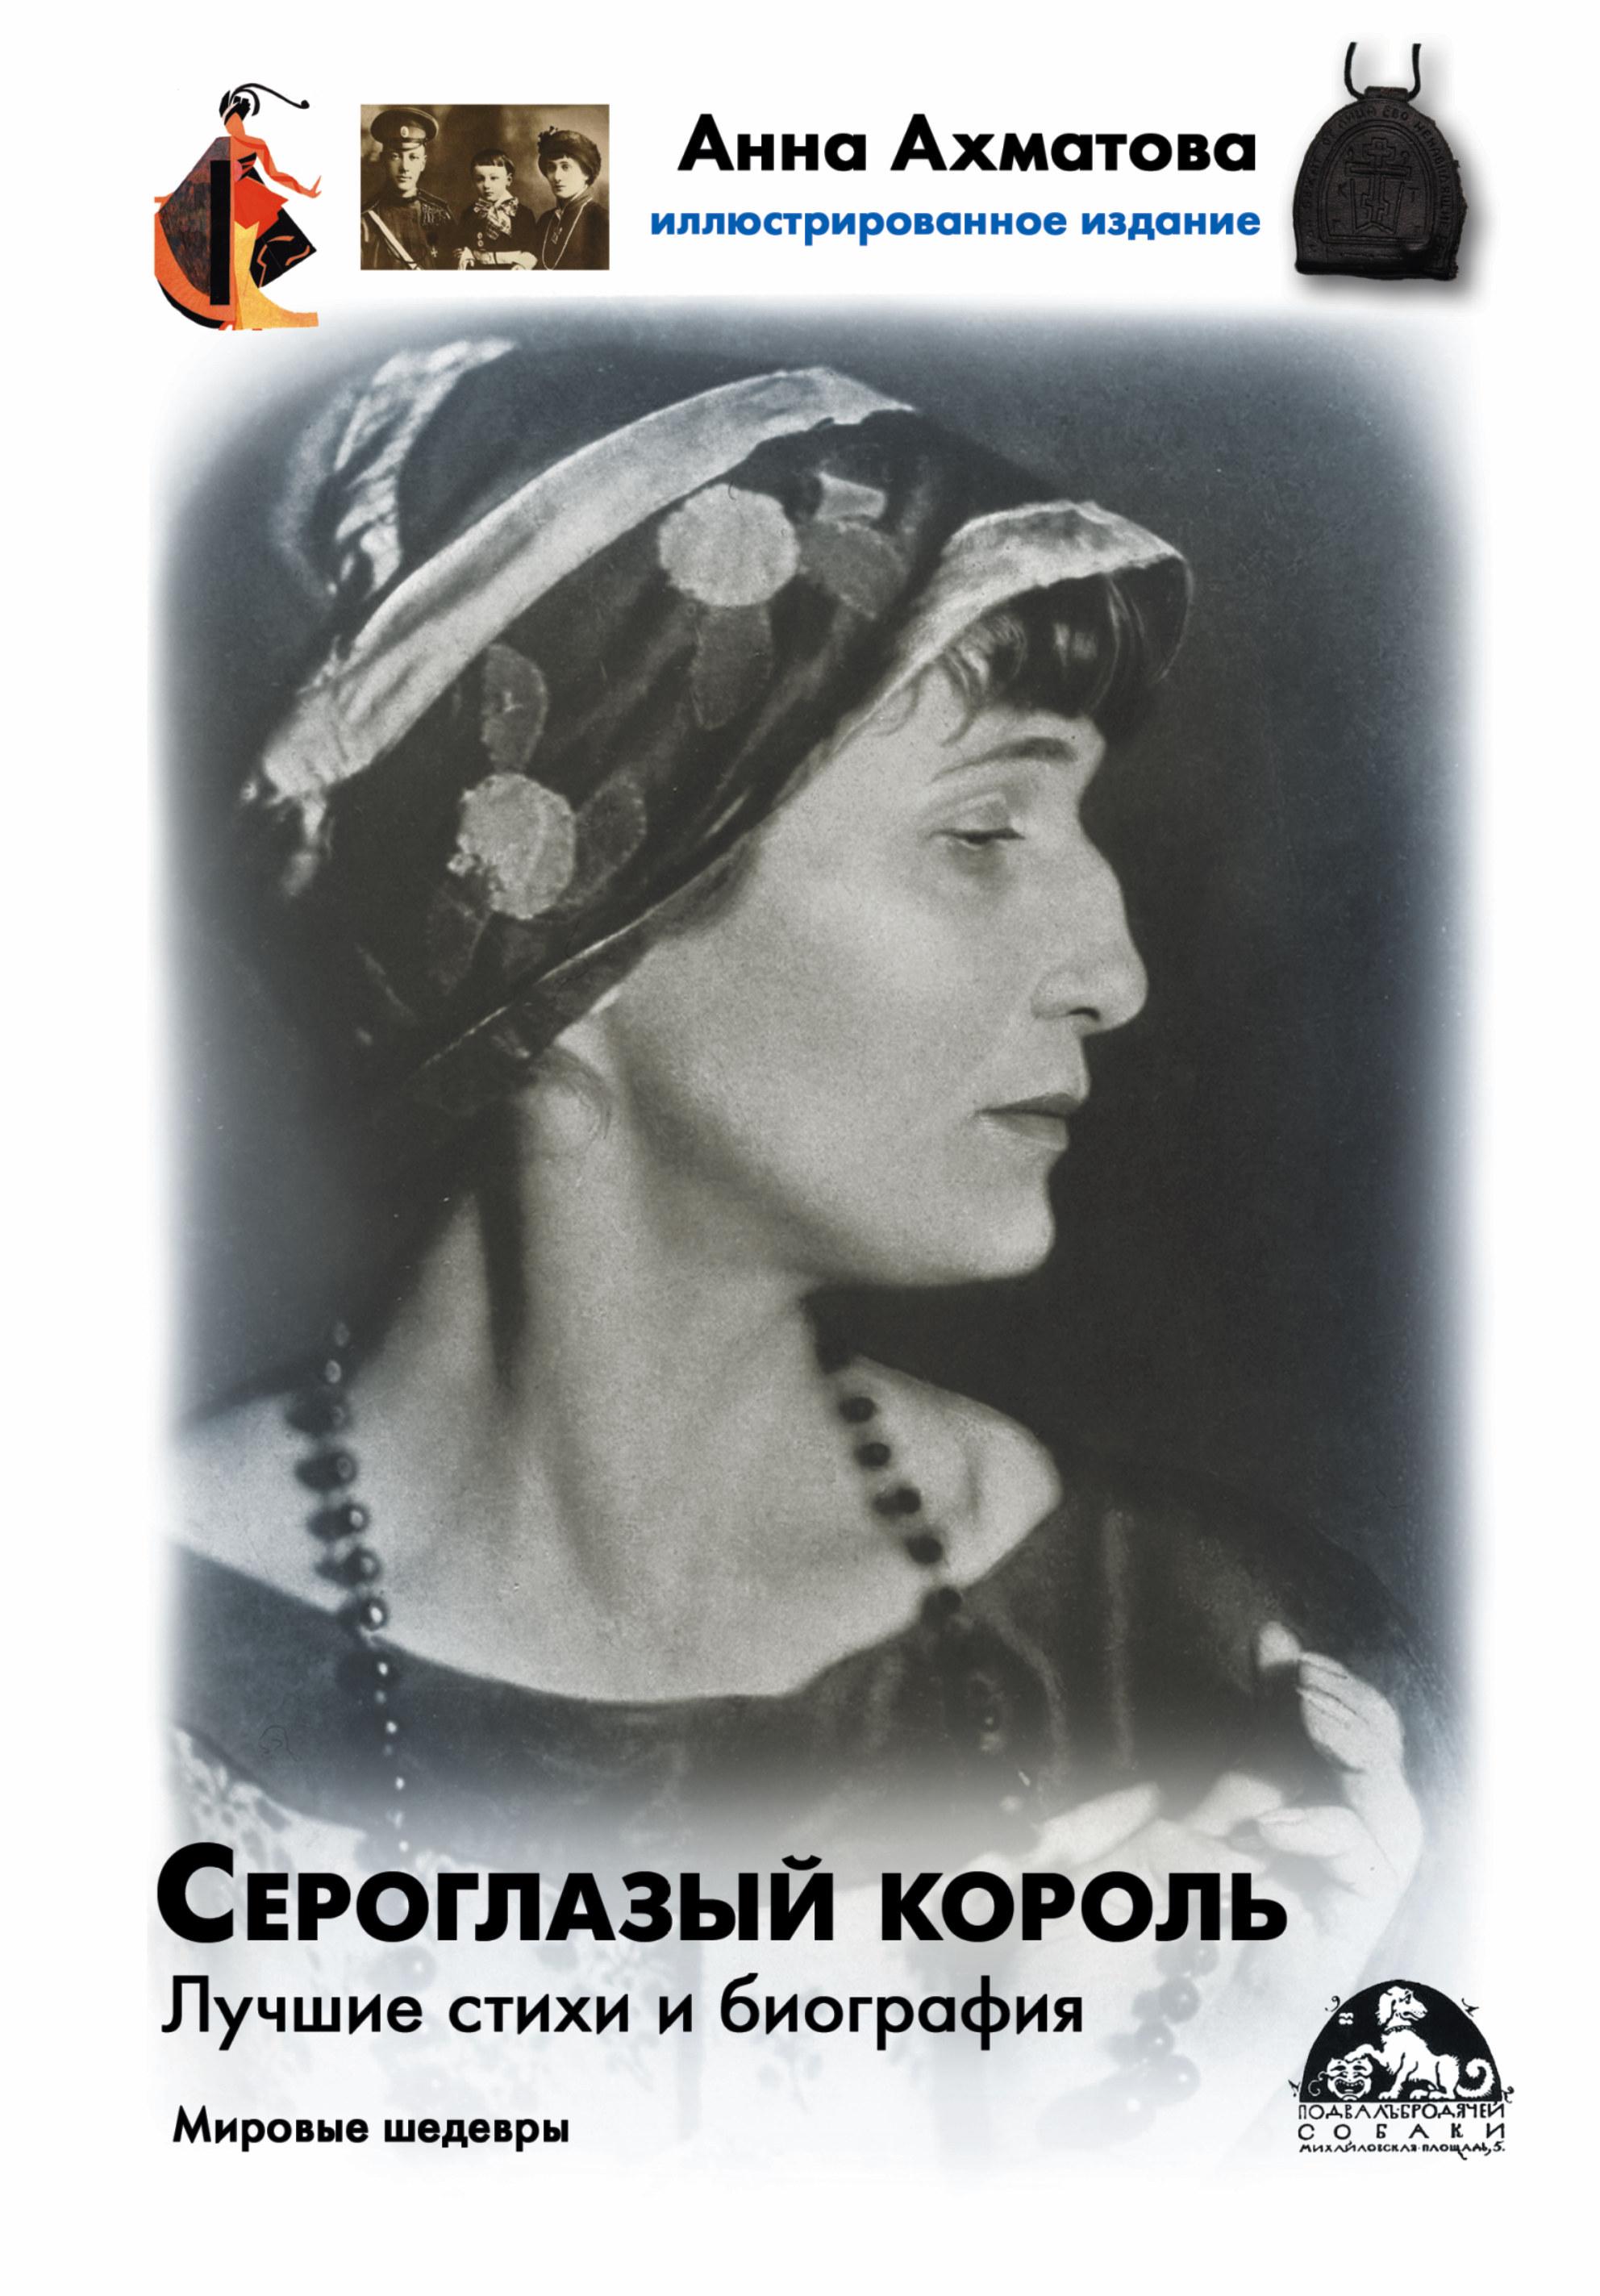 Ахматова Анна Андреевна Сероглазый король ахматова анна андреевна столько просьб у любимой всегда